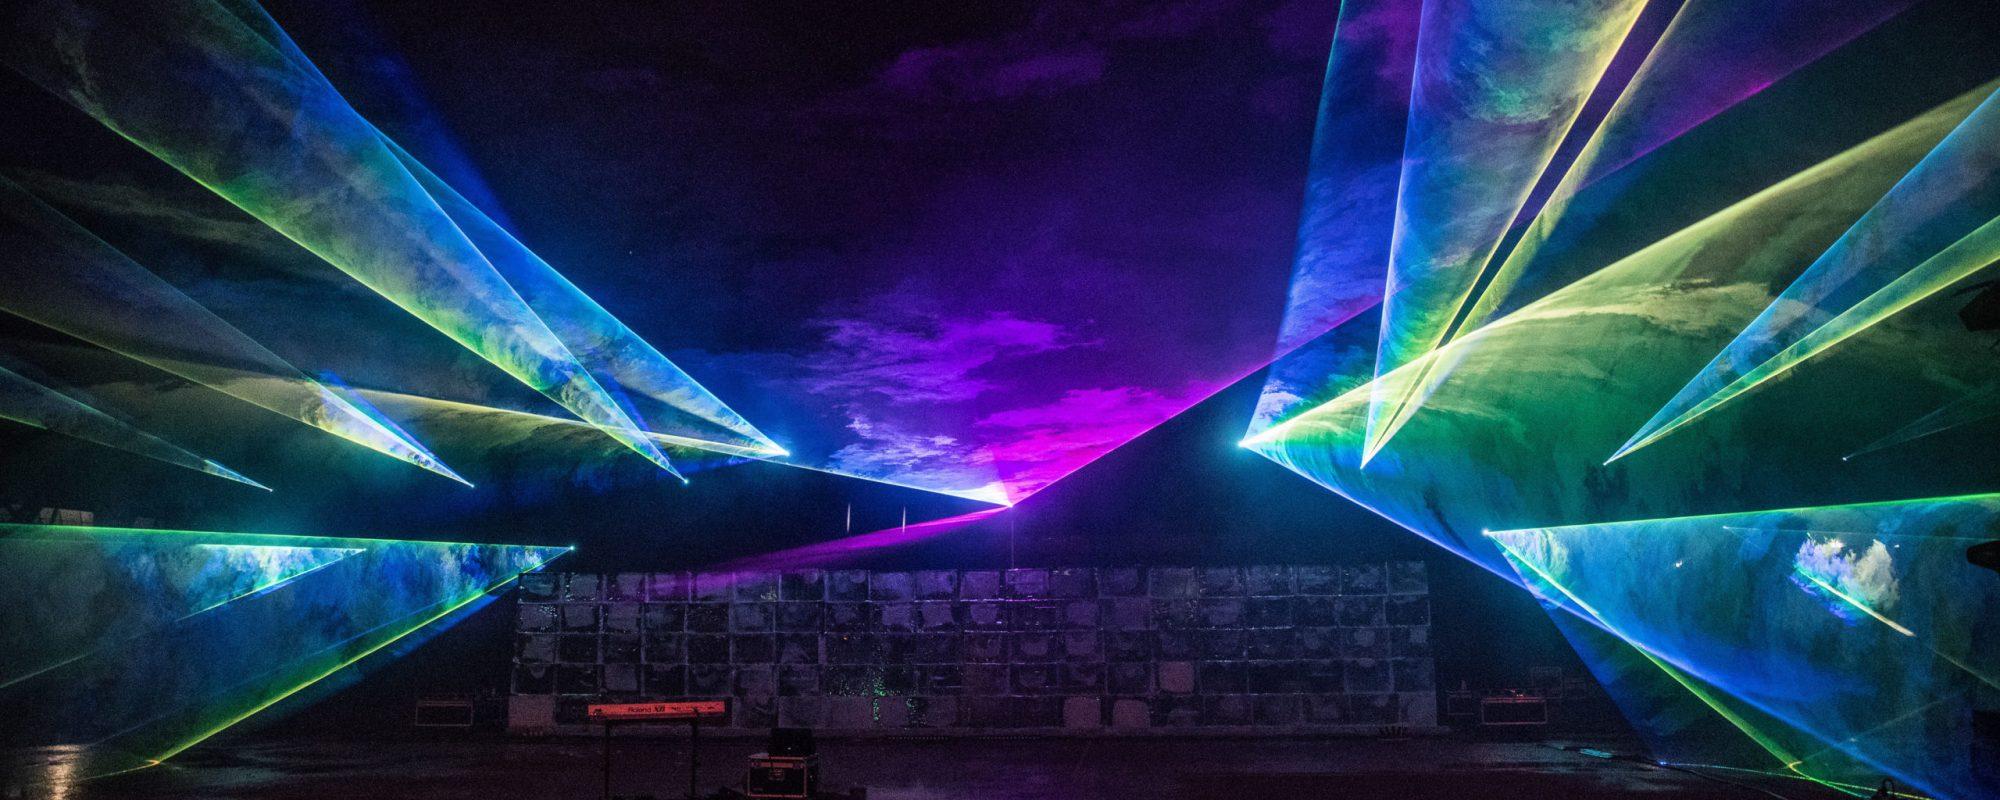 VELUX Event, 15m Eiswand, gebaut von 600 Mitarbeitern